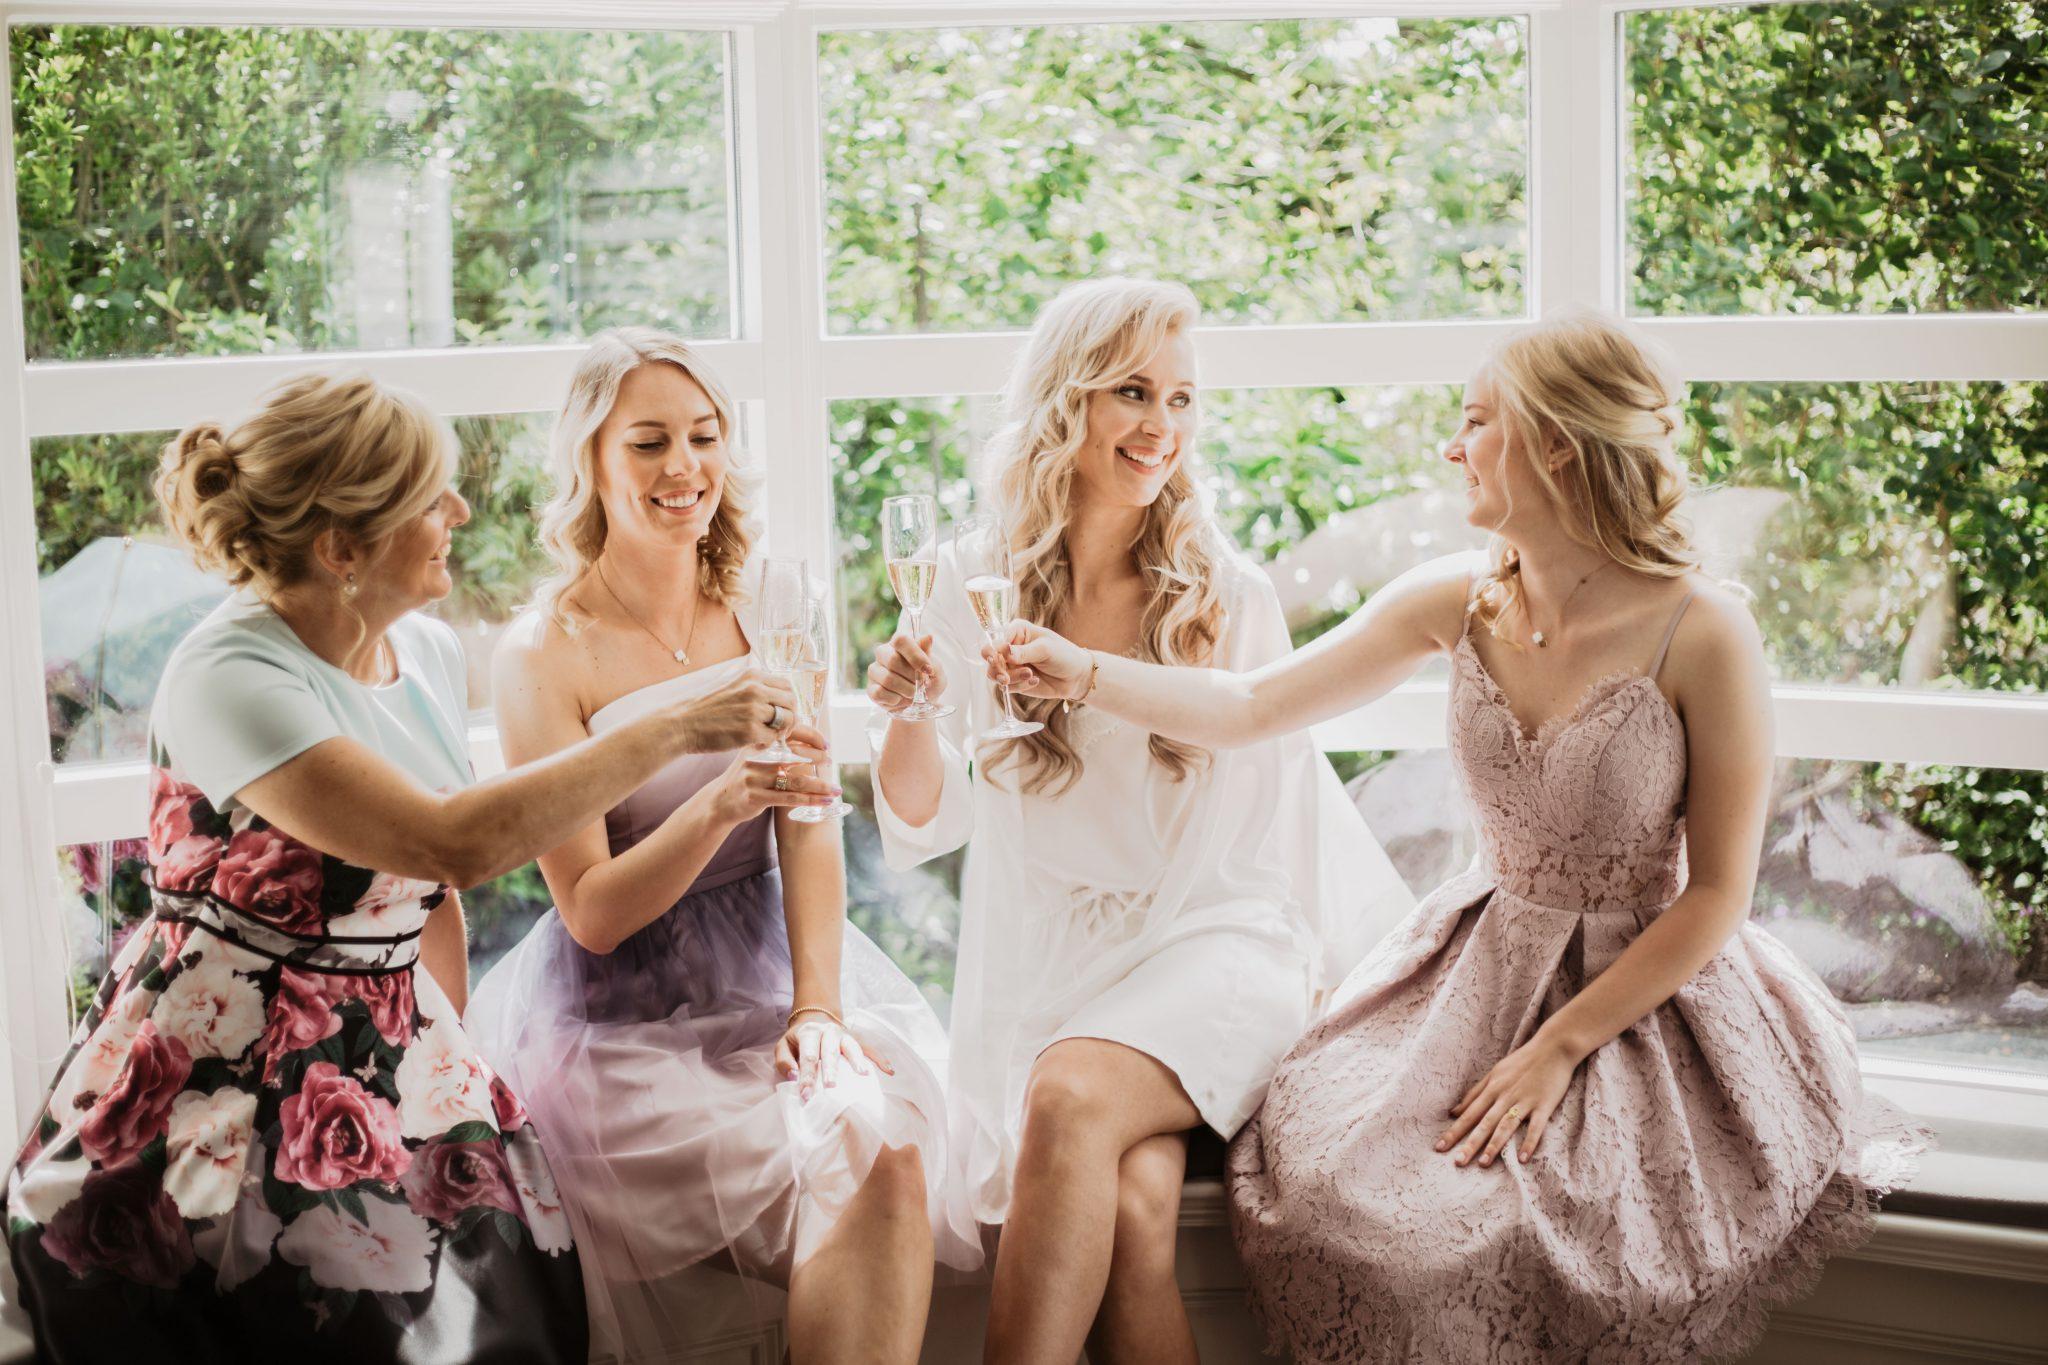 Getting ready bruid en meiden